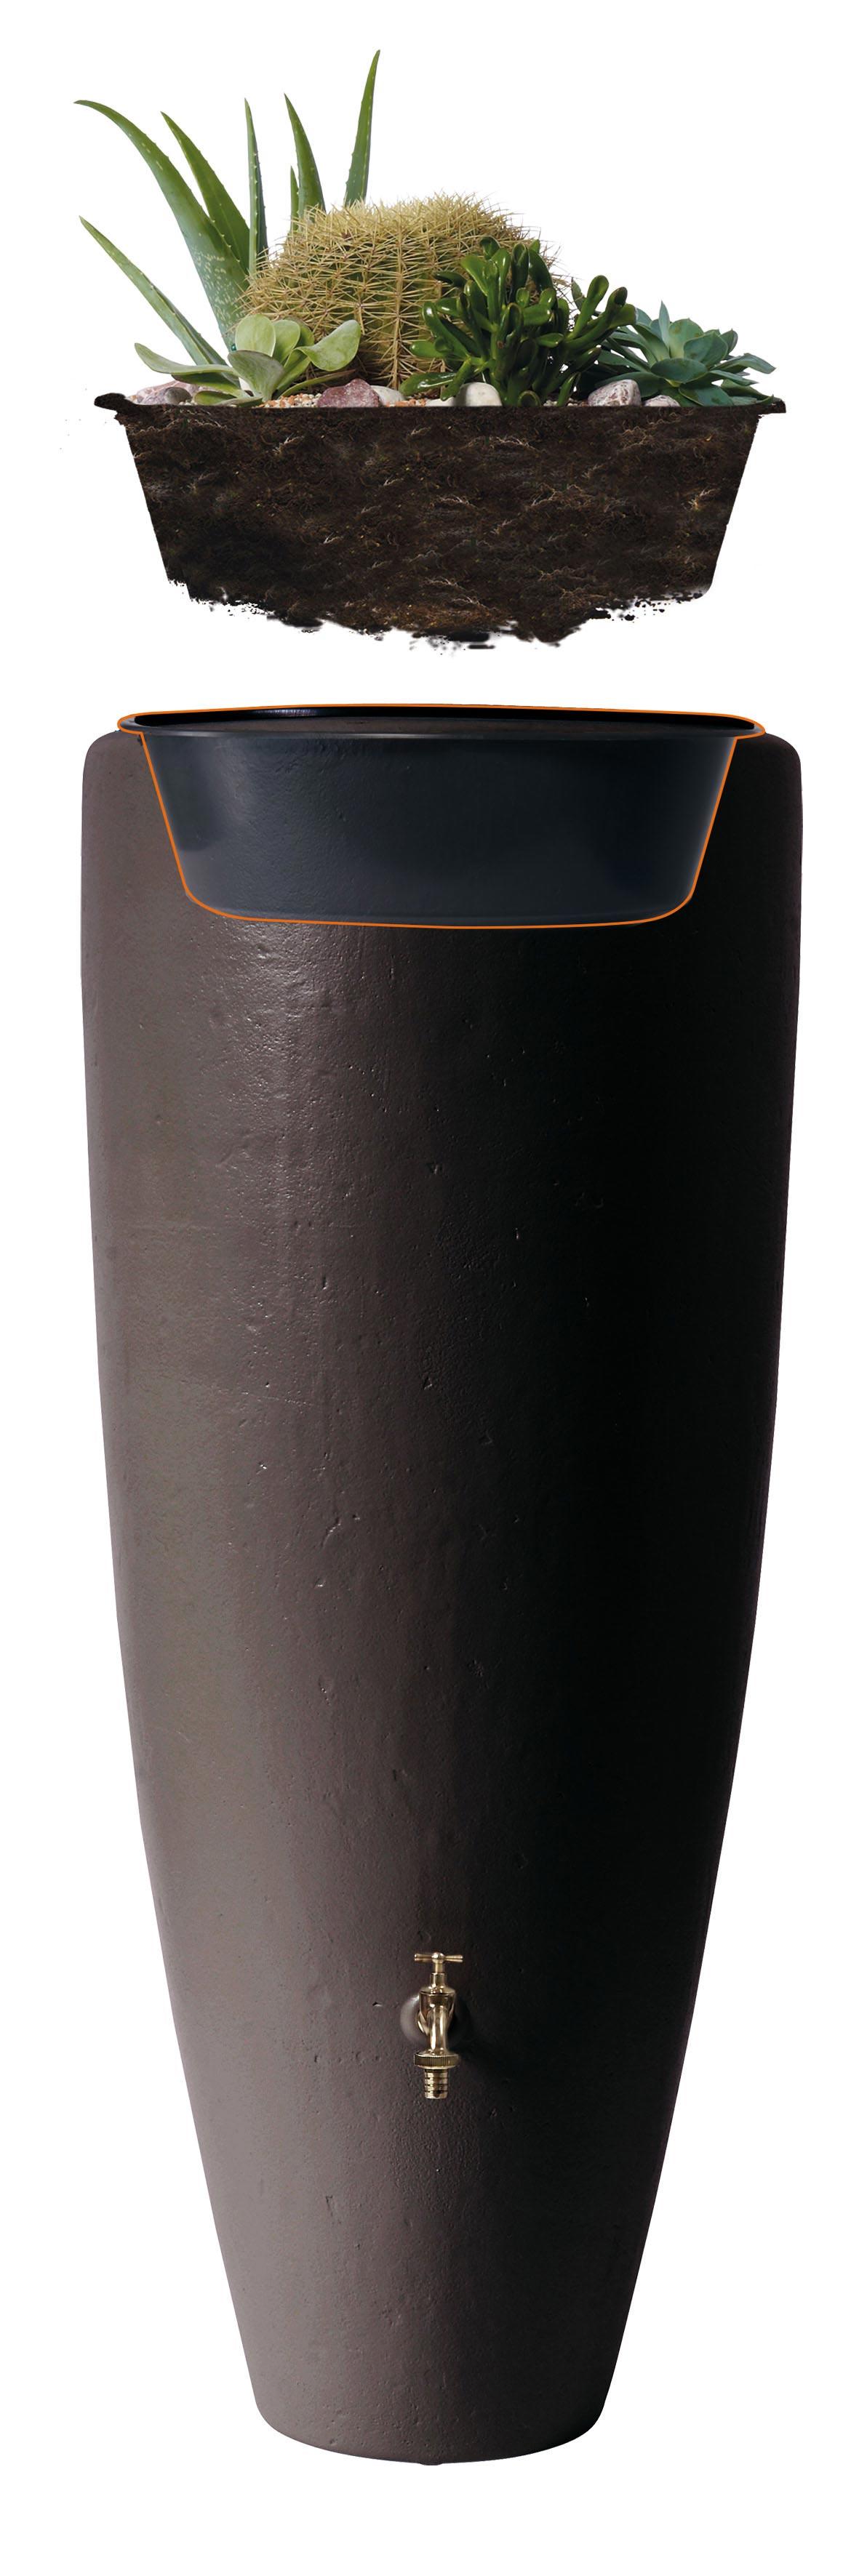 Regentonne 2in1 300 Liter mit Pflanzschale taupe GRAF 326116 Bild 3